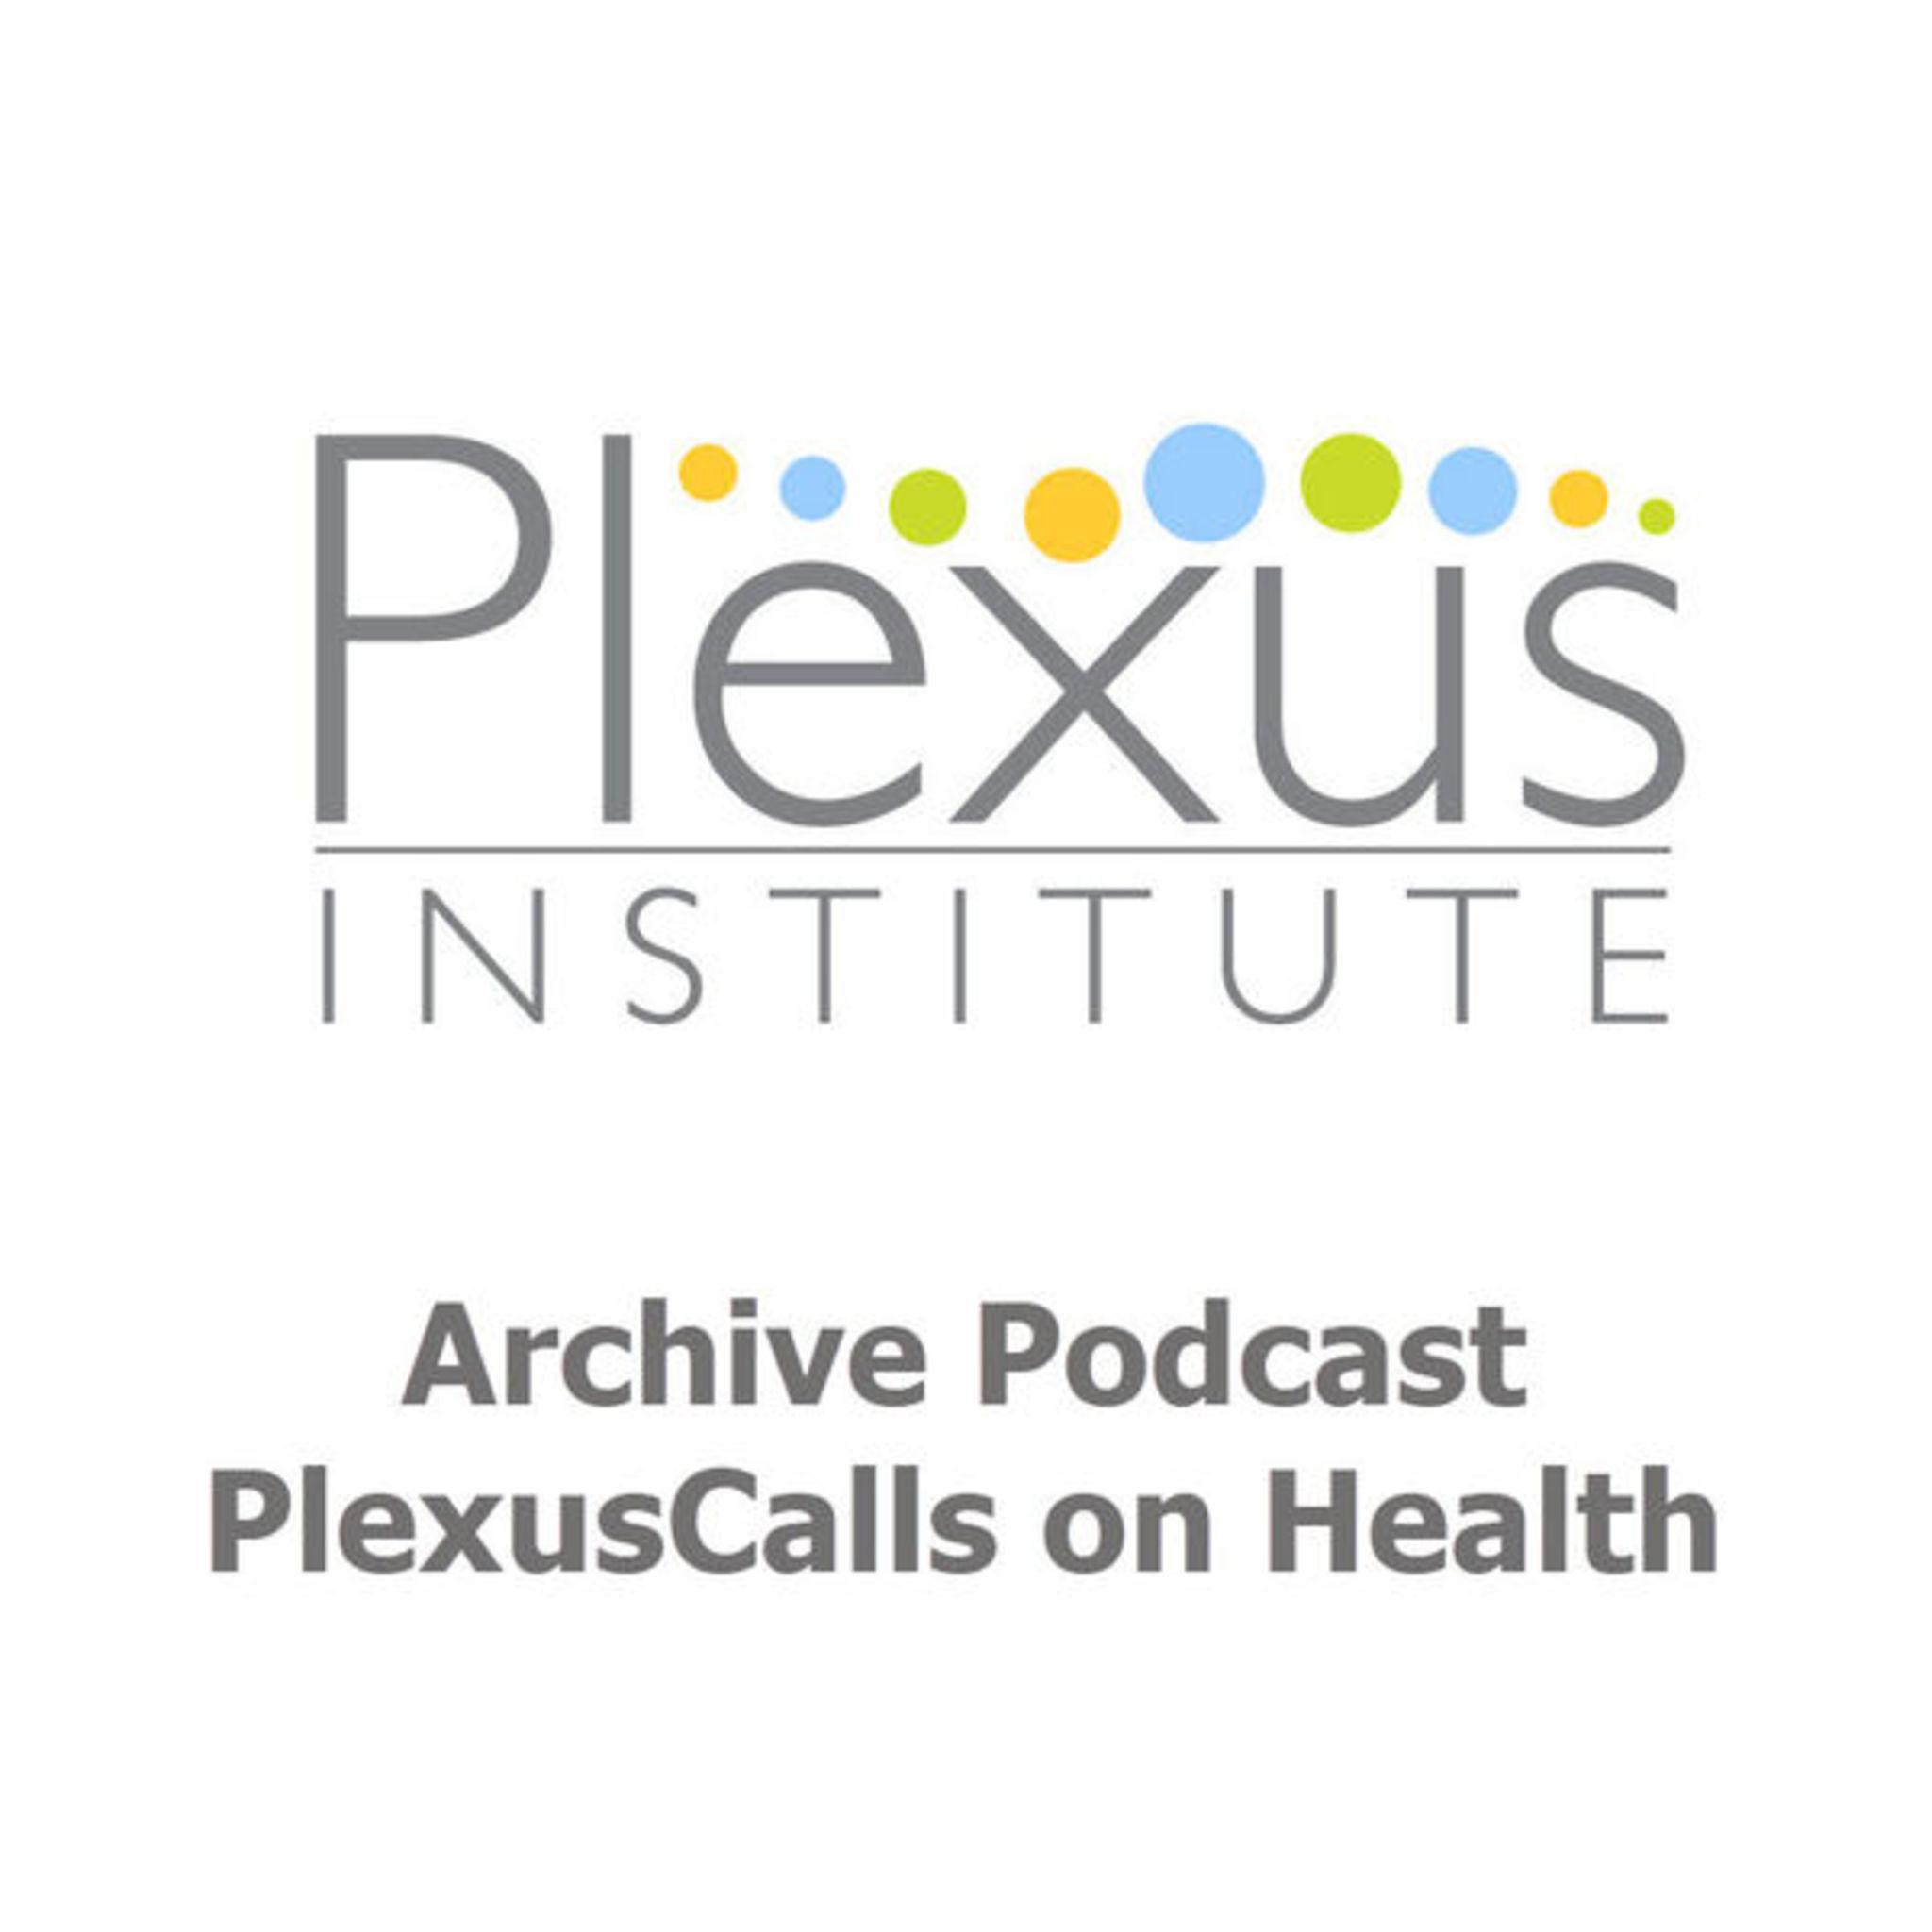 Healthcare PlexusCalls